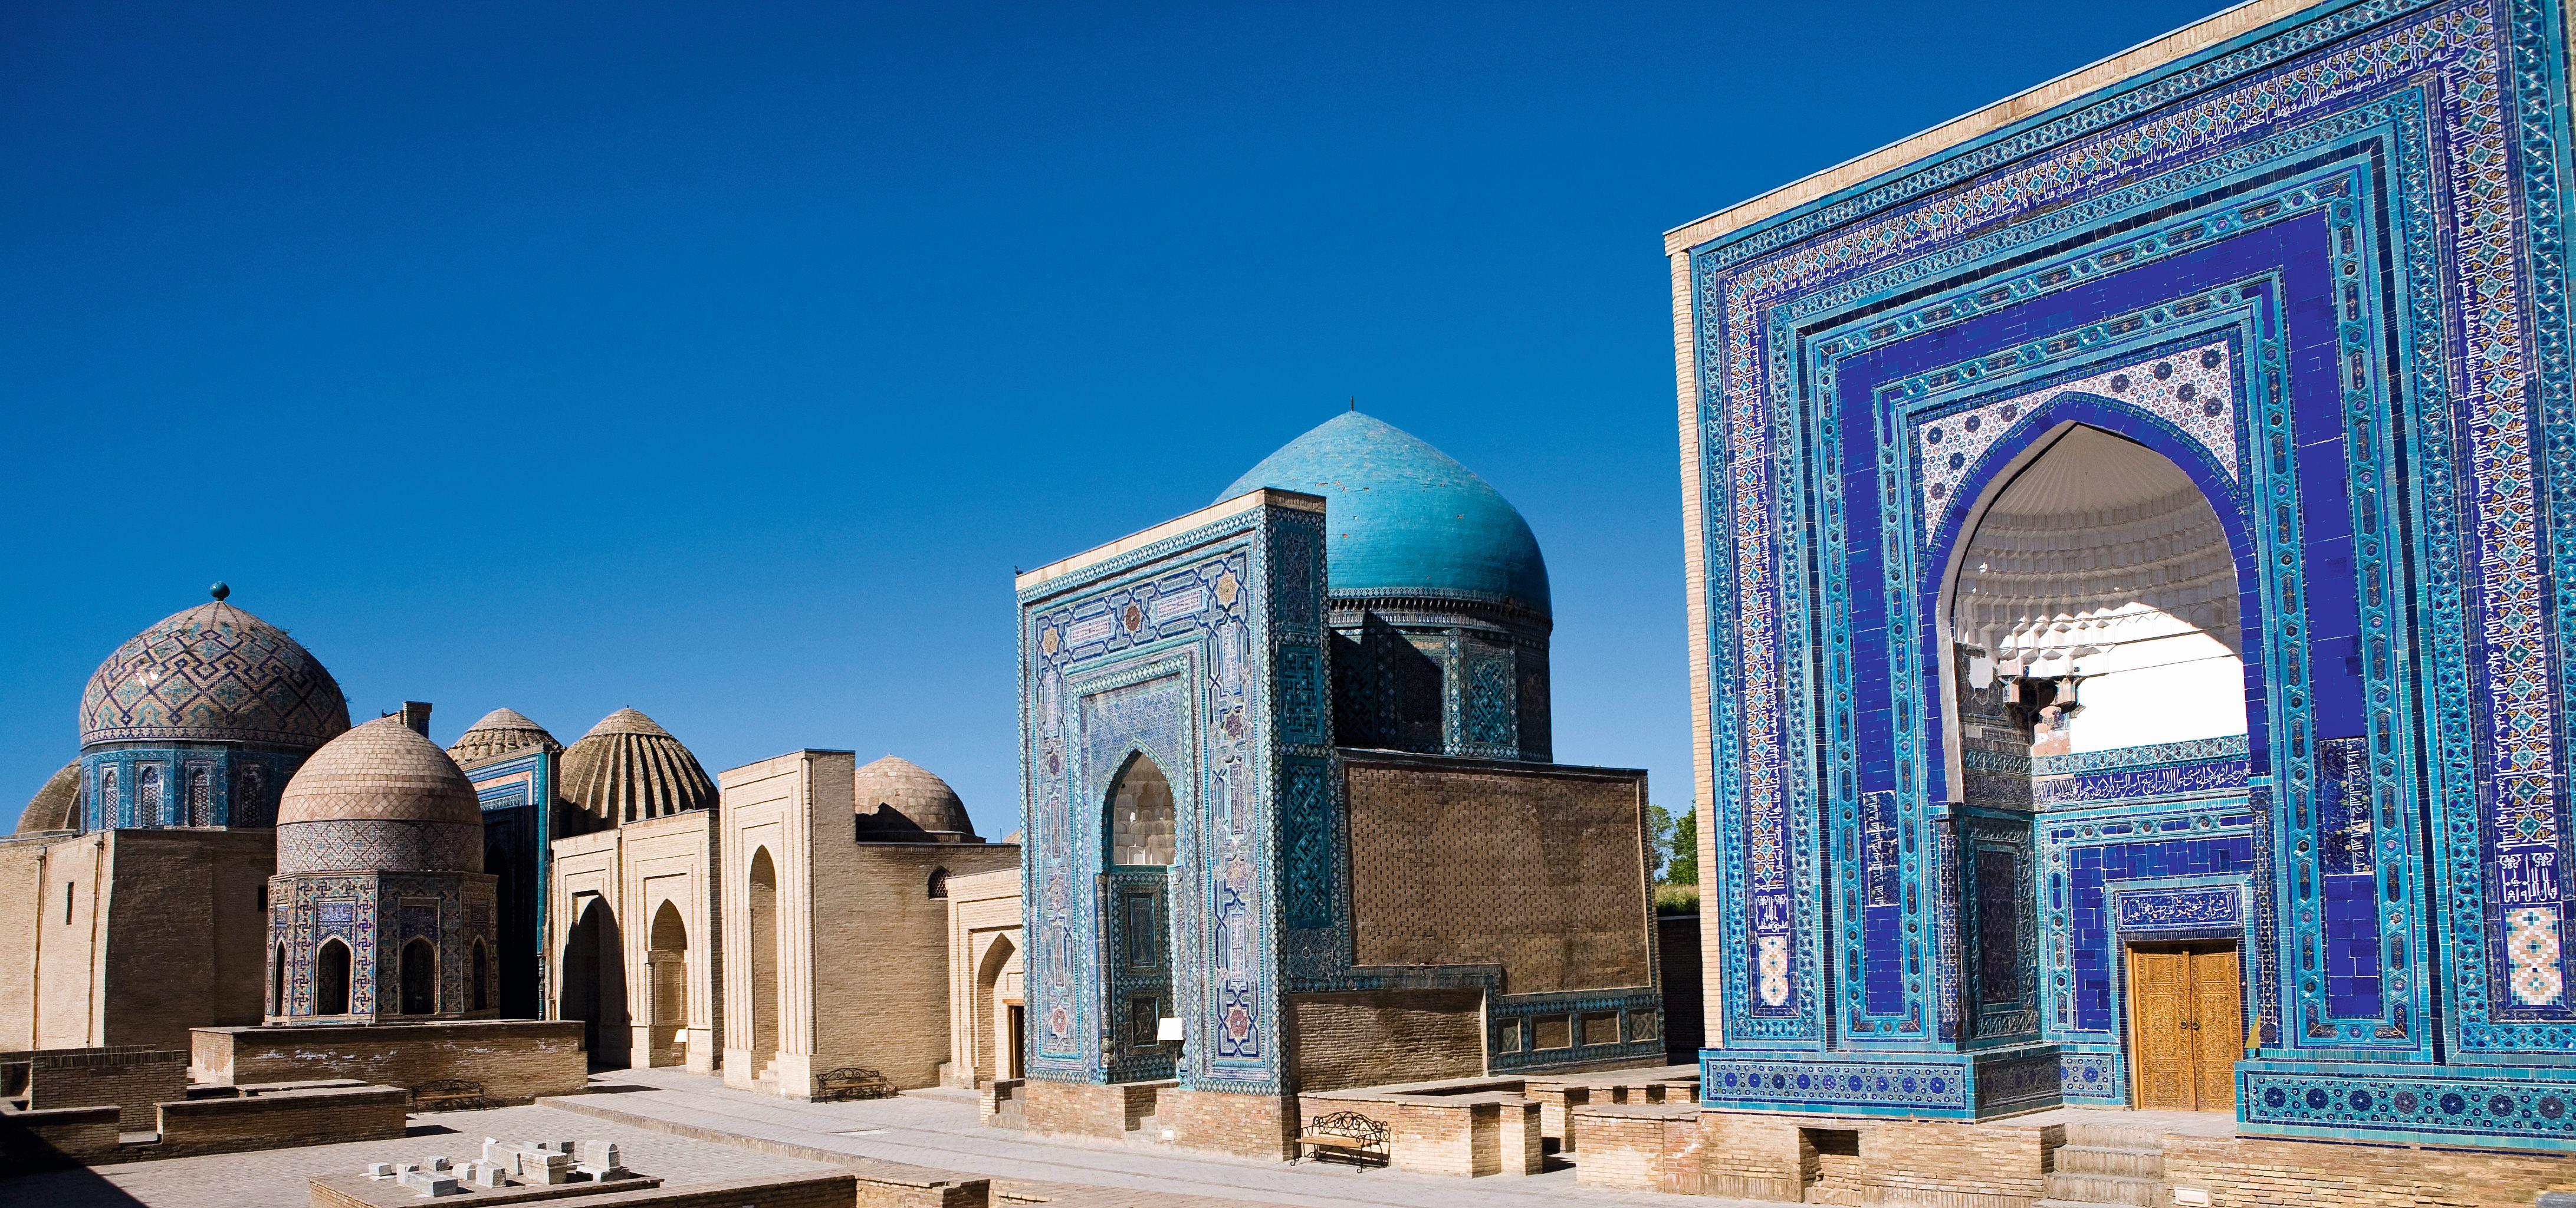 Usbekistan: Die ausführliche Reise mit Ferganatal